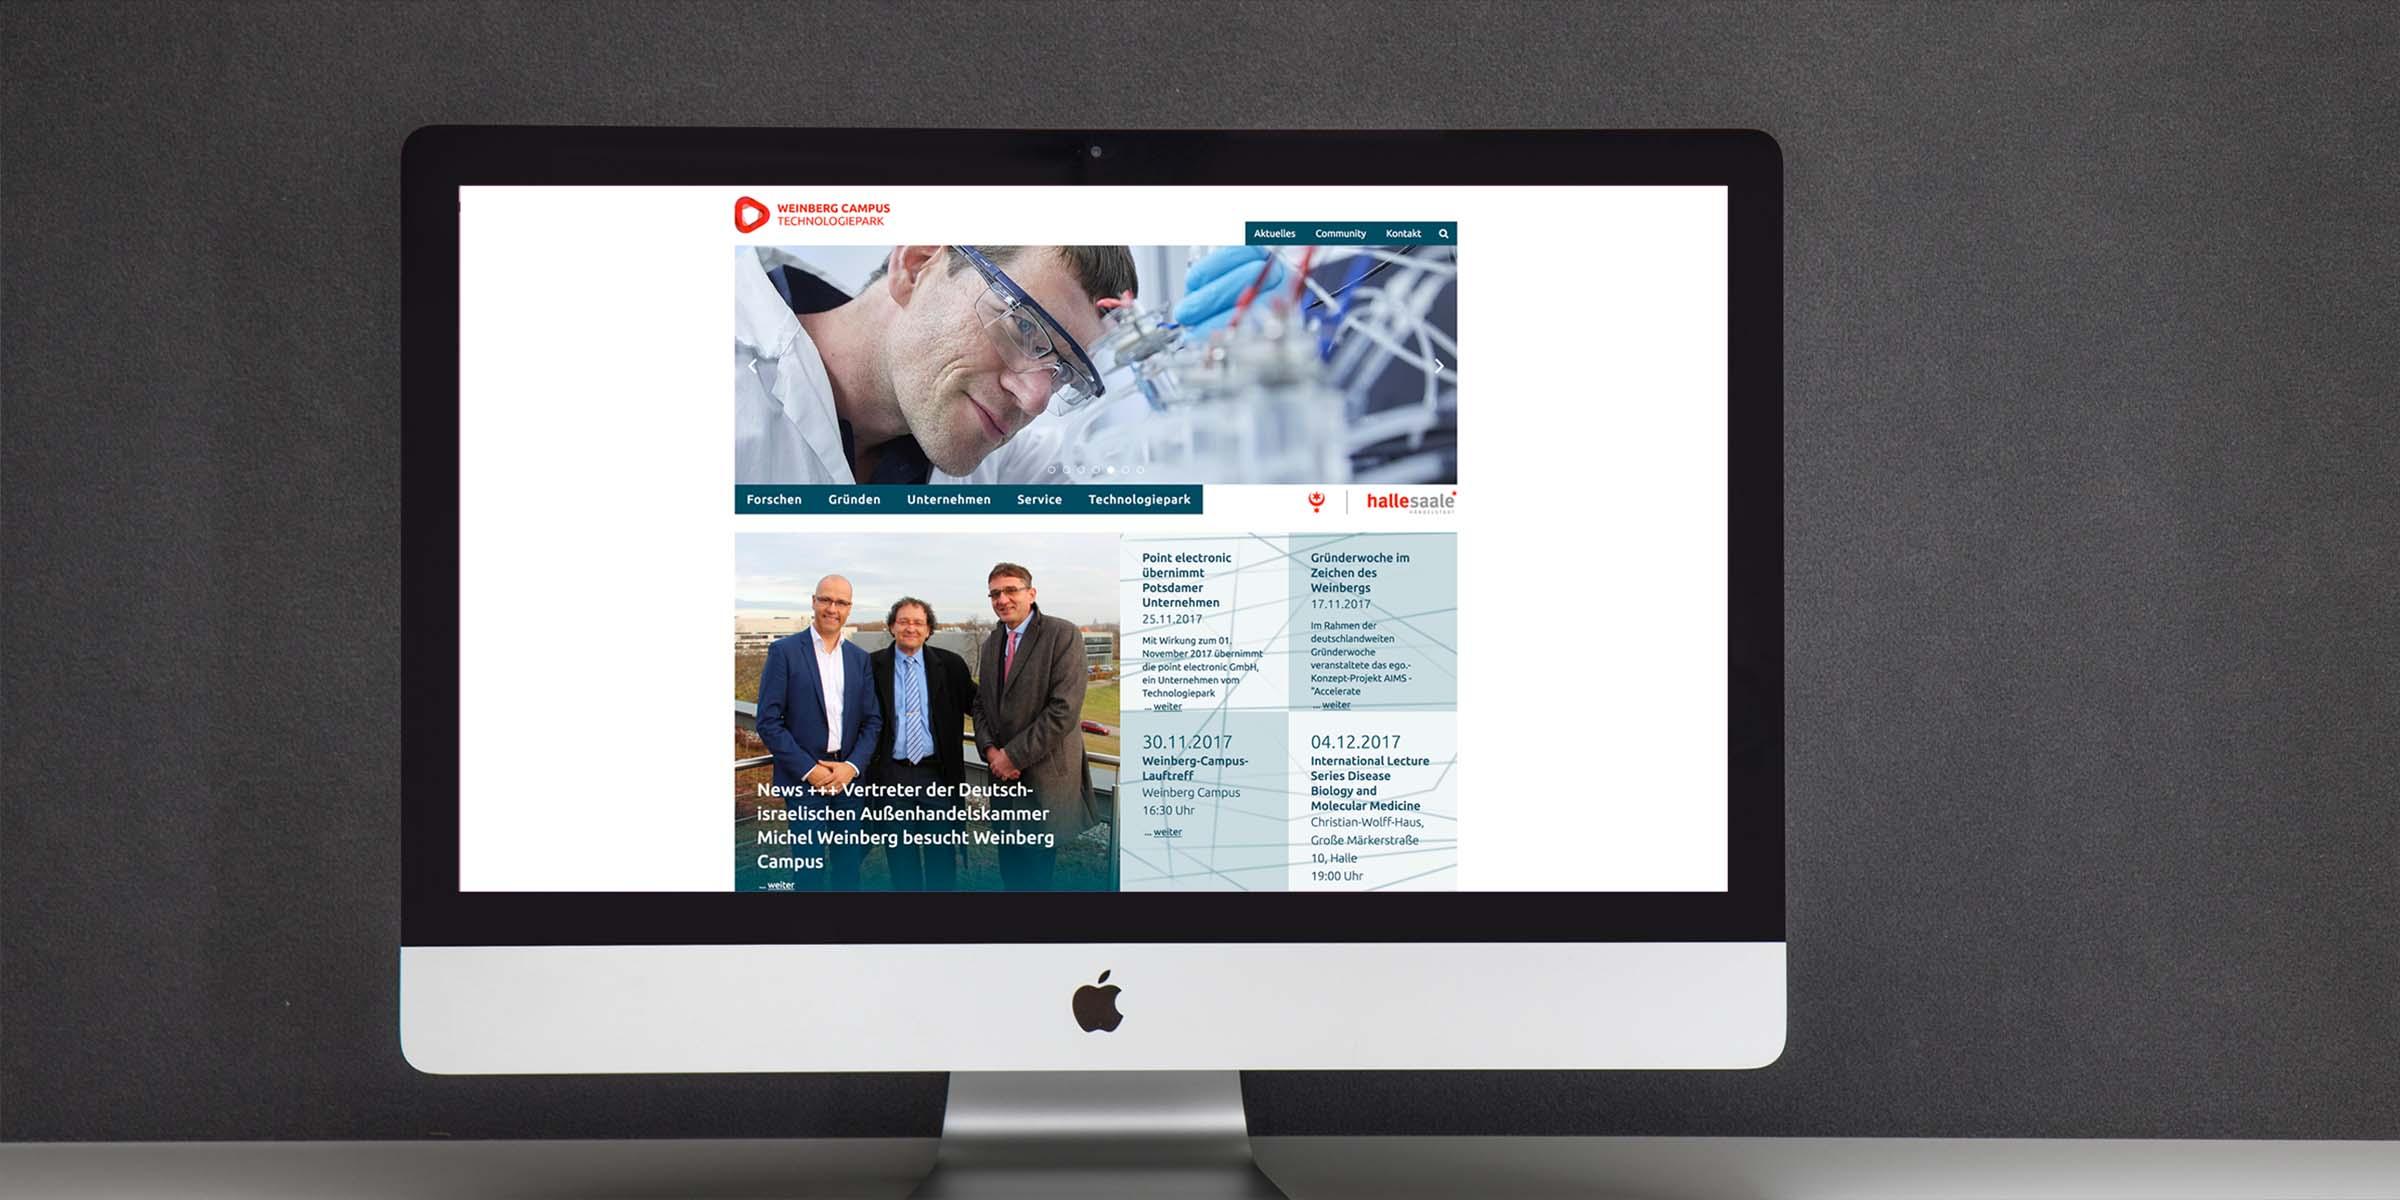 Ansicht der Website vom Weinberg Campus Technologiepark